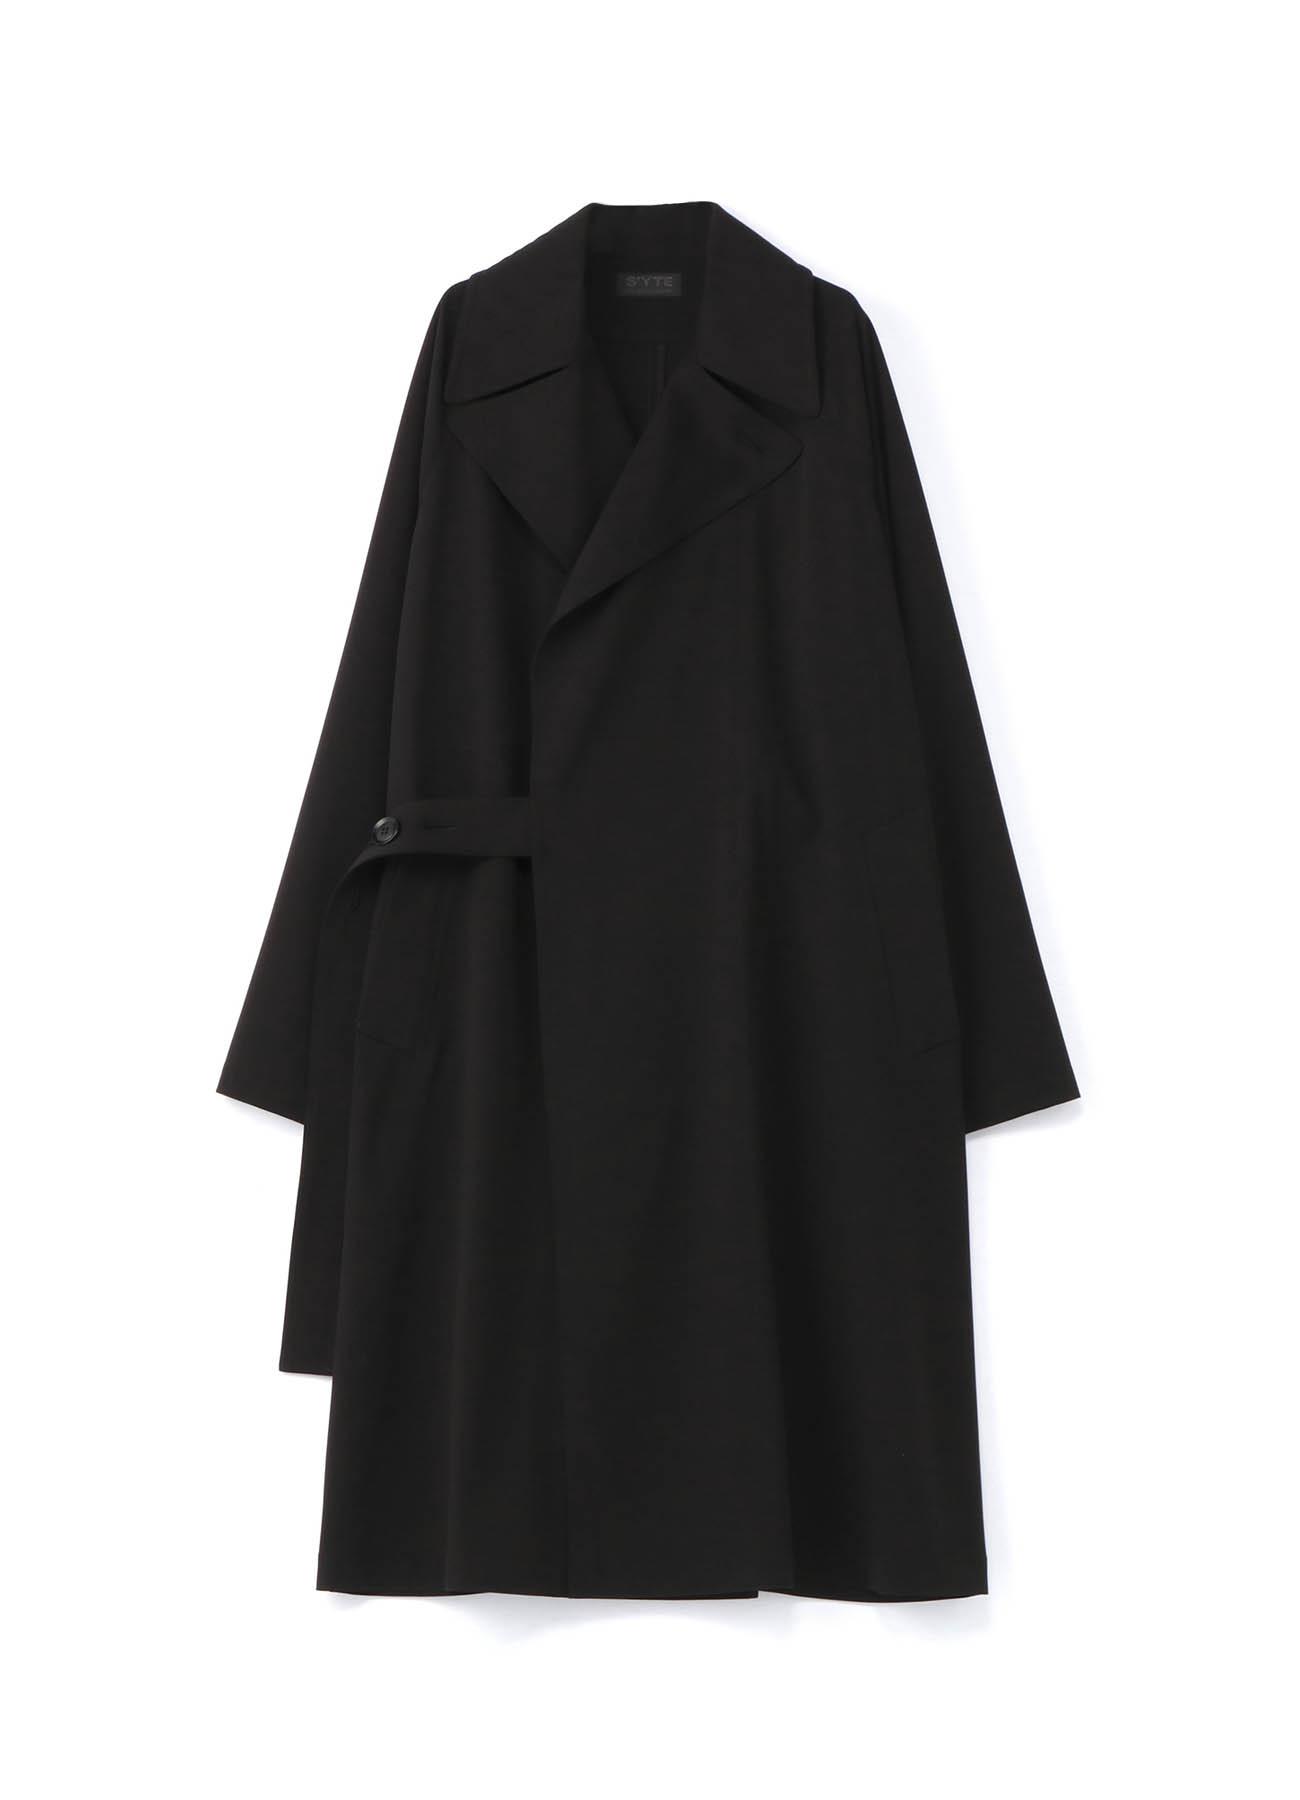 Pe /人造丝华达呢弹性Tielocken大衣